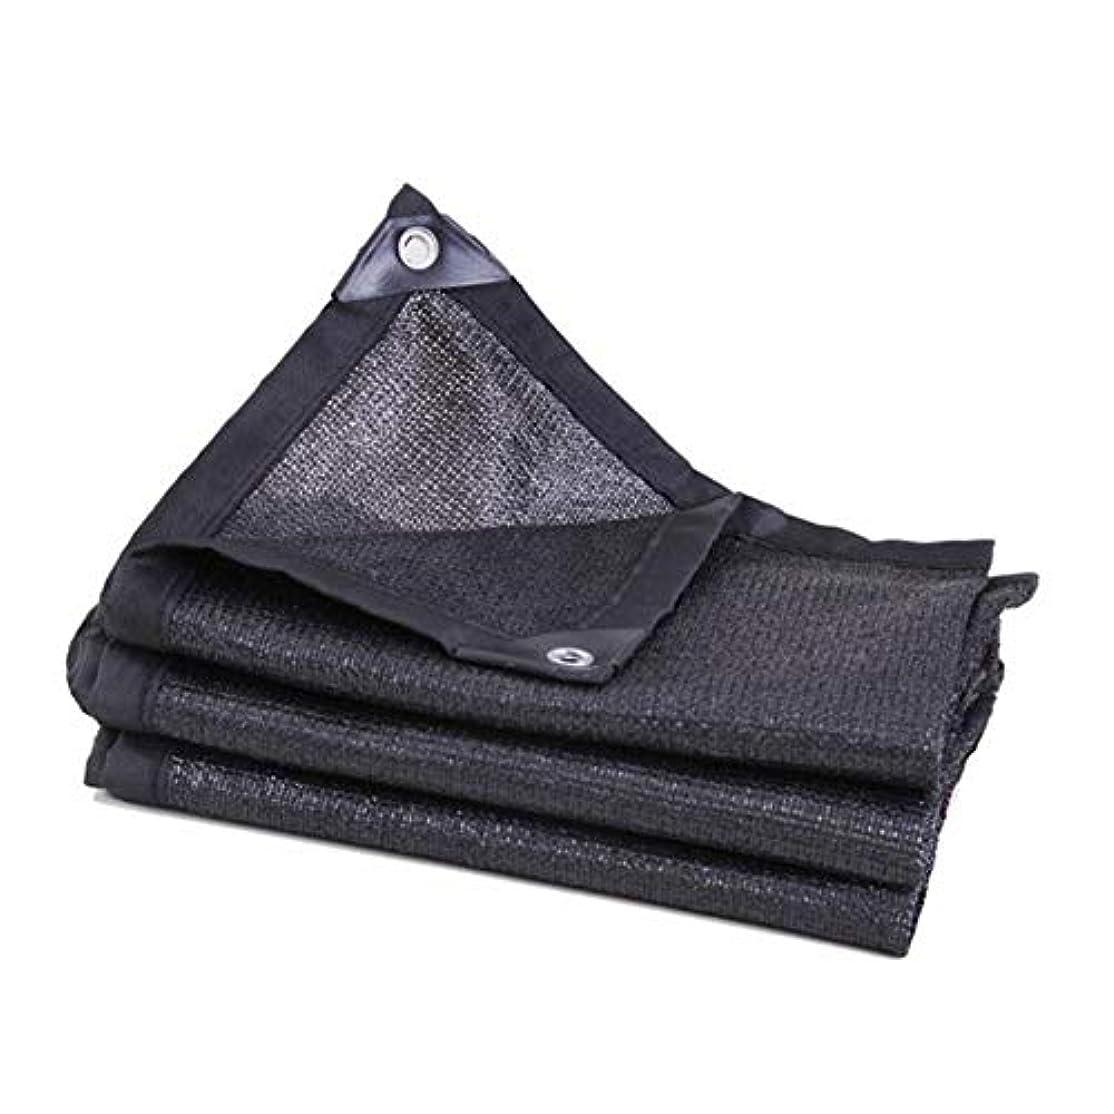 テンション戦略スタックDALL 日焼け止め布 80% シェードセイル 6ピン バルコニー 中庭 アウトドア 断熱 複数のサイズ (Color : Black, Size : 3×10m)